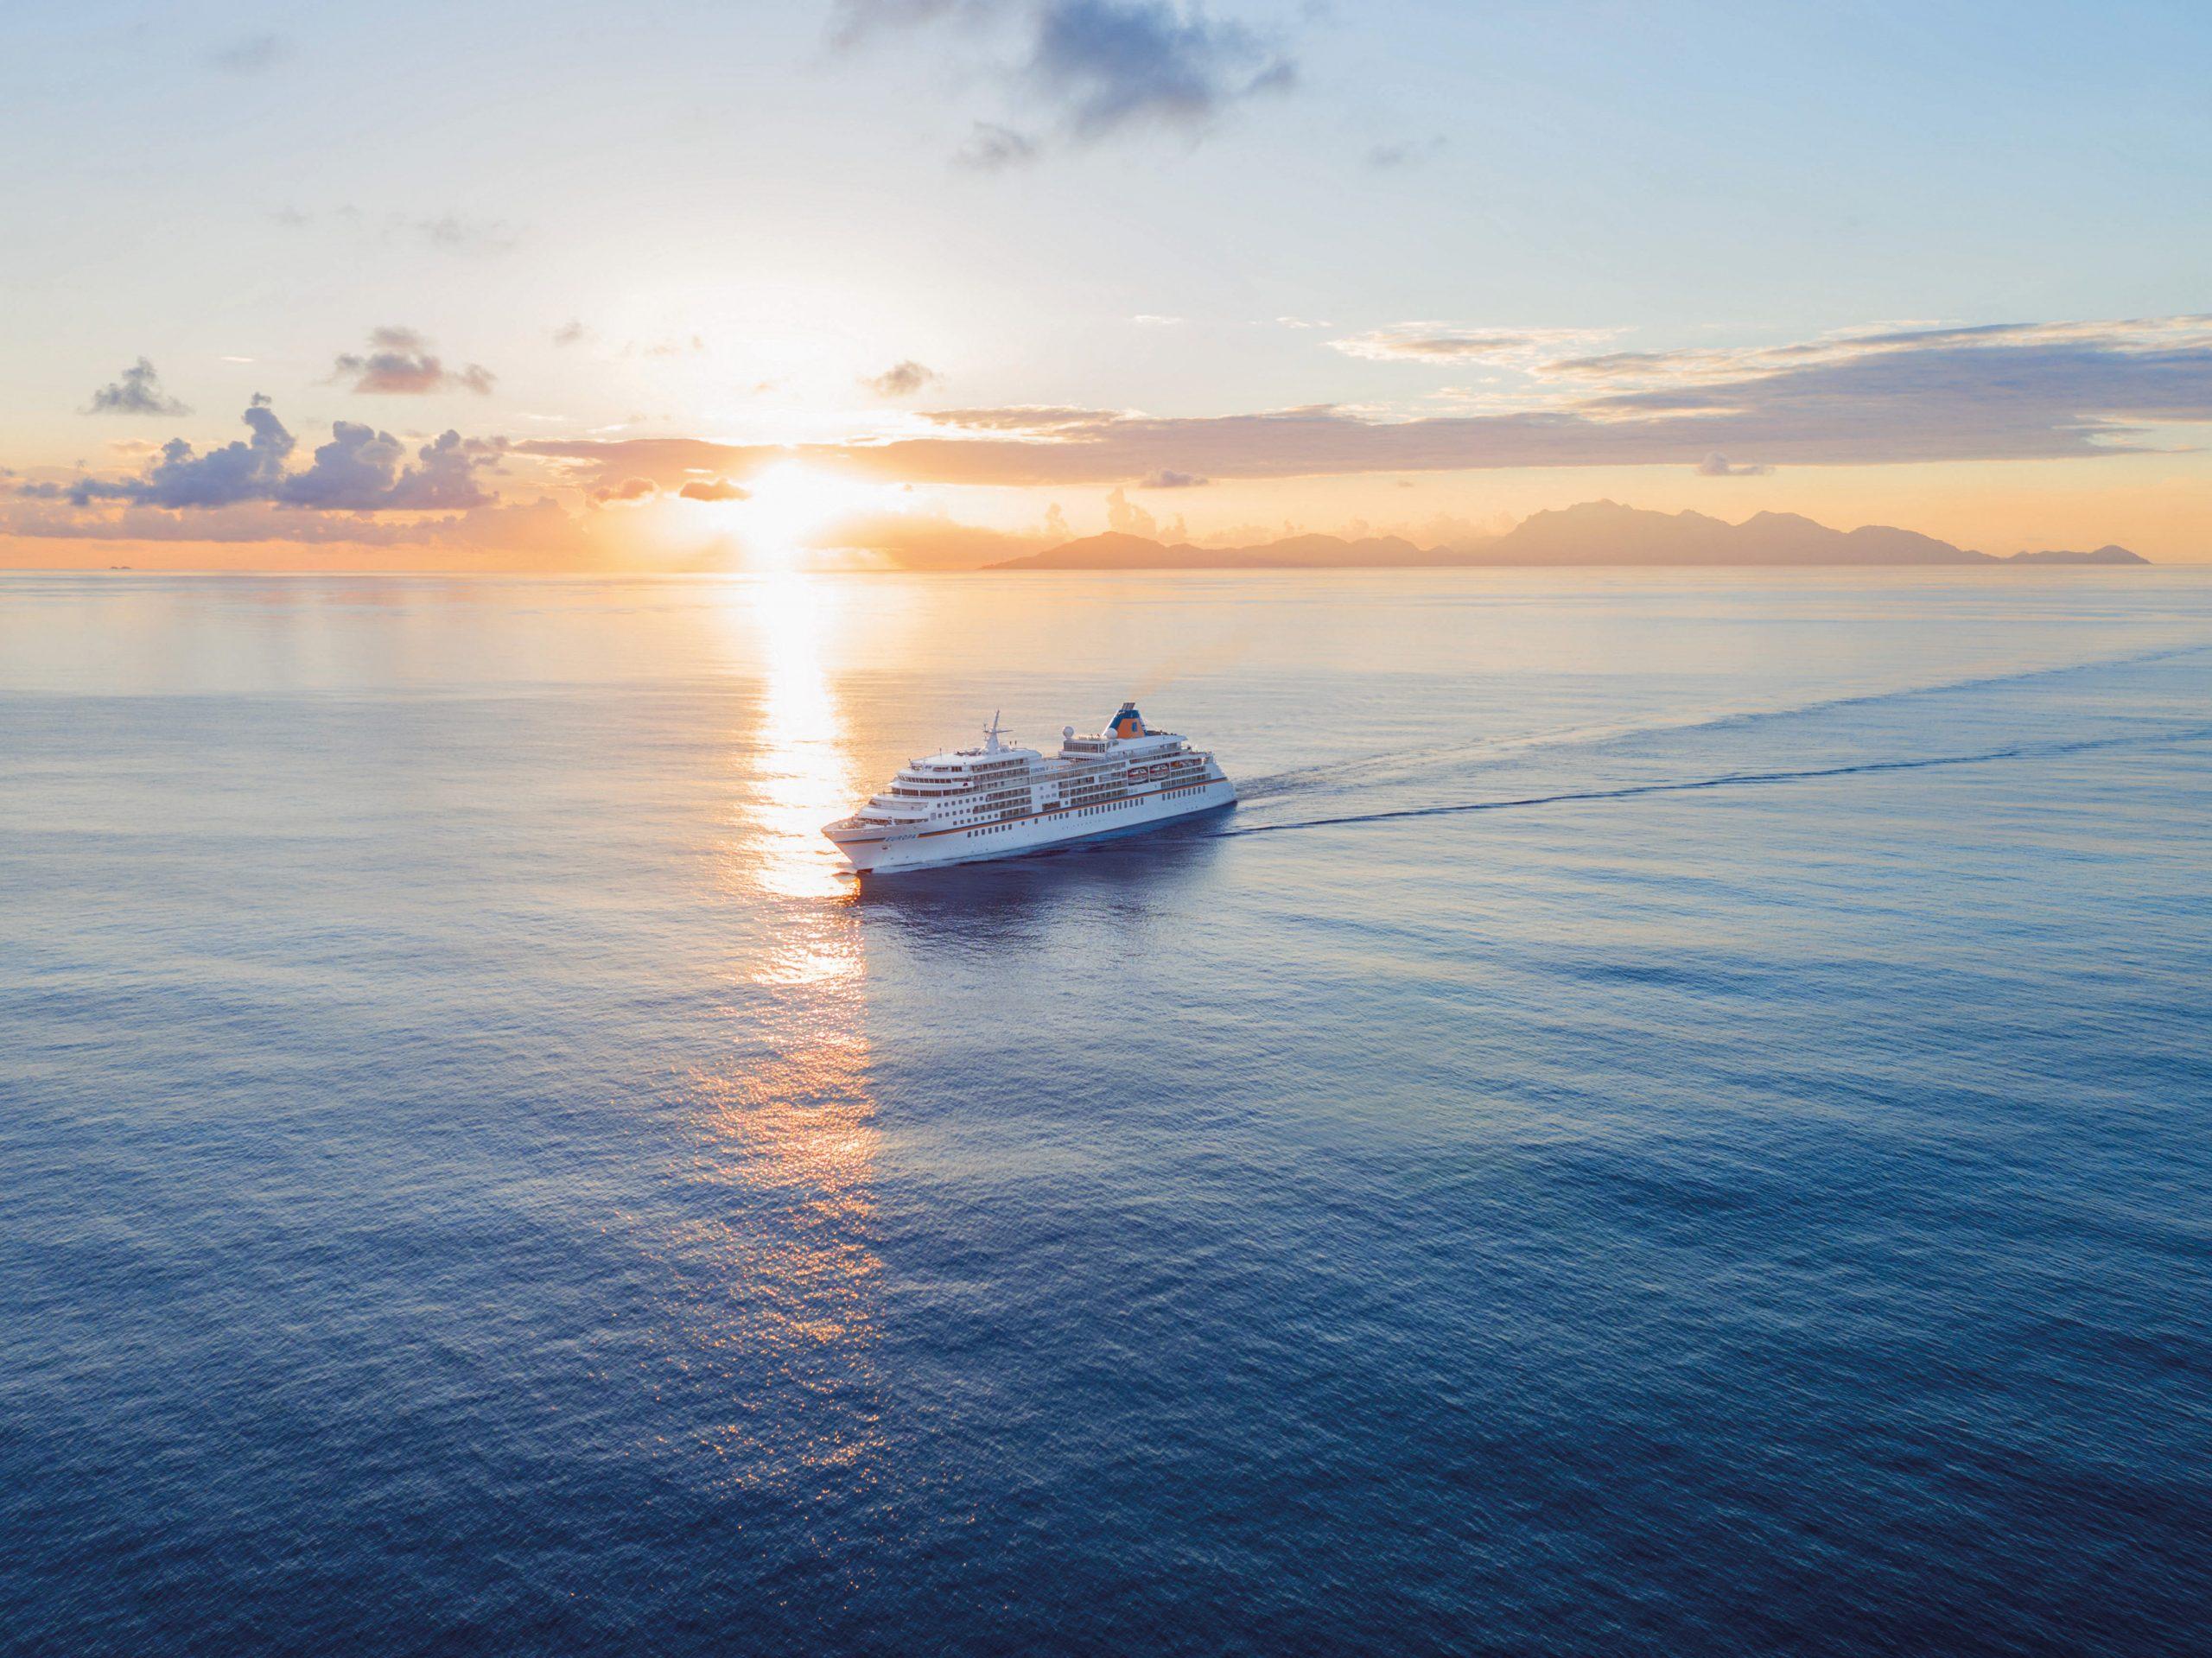 Hapag-Lloyd Cruises hat neue Routen der zwei Luxus- und drei neuen Expeditionsschiffe für 2022/23 aufgelegt, darunter 7 Premierenreisen